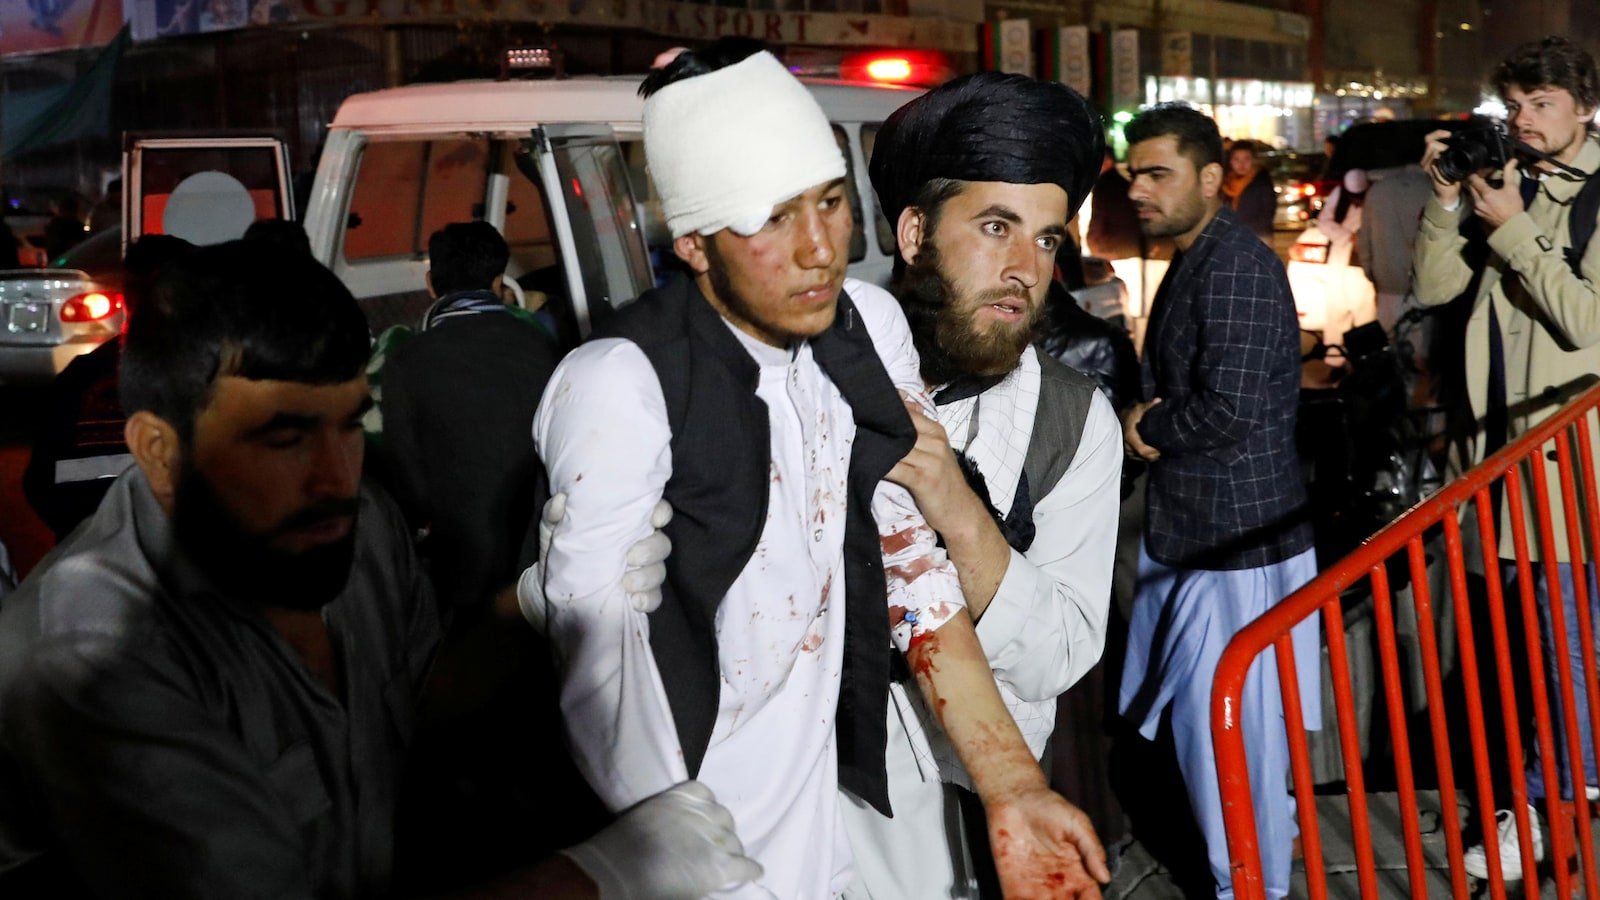 Des Afghans transportent un blessé à l'hôpital après un attentat suicide à Kaboul.